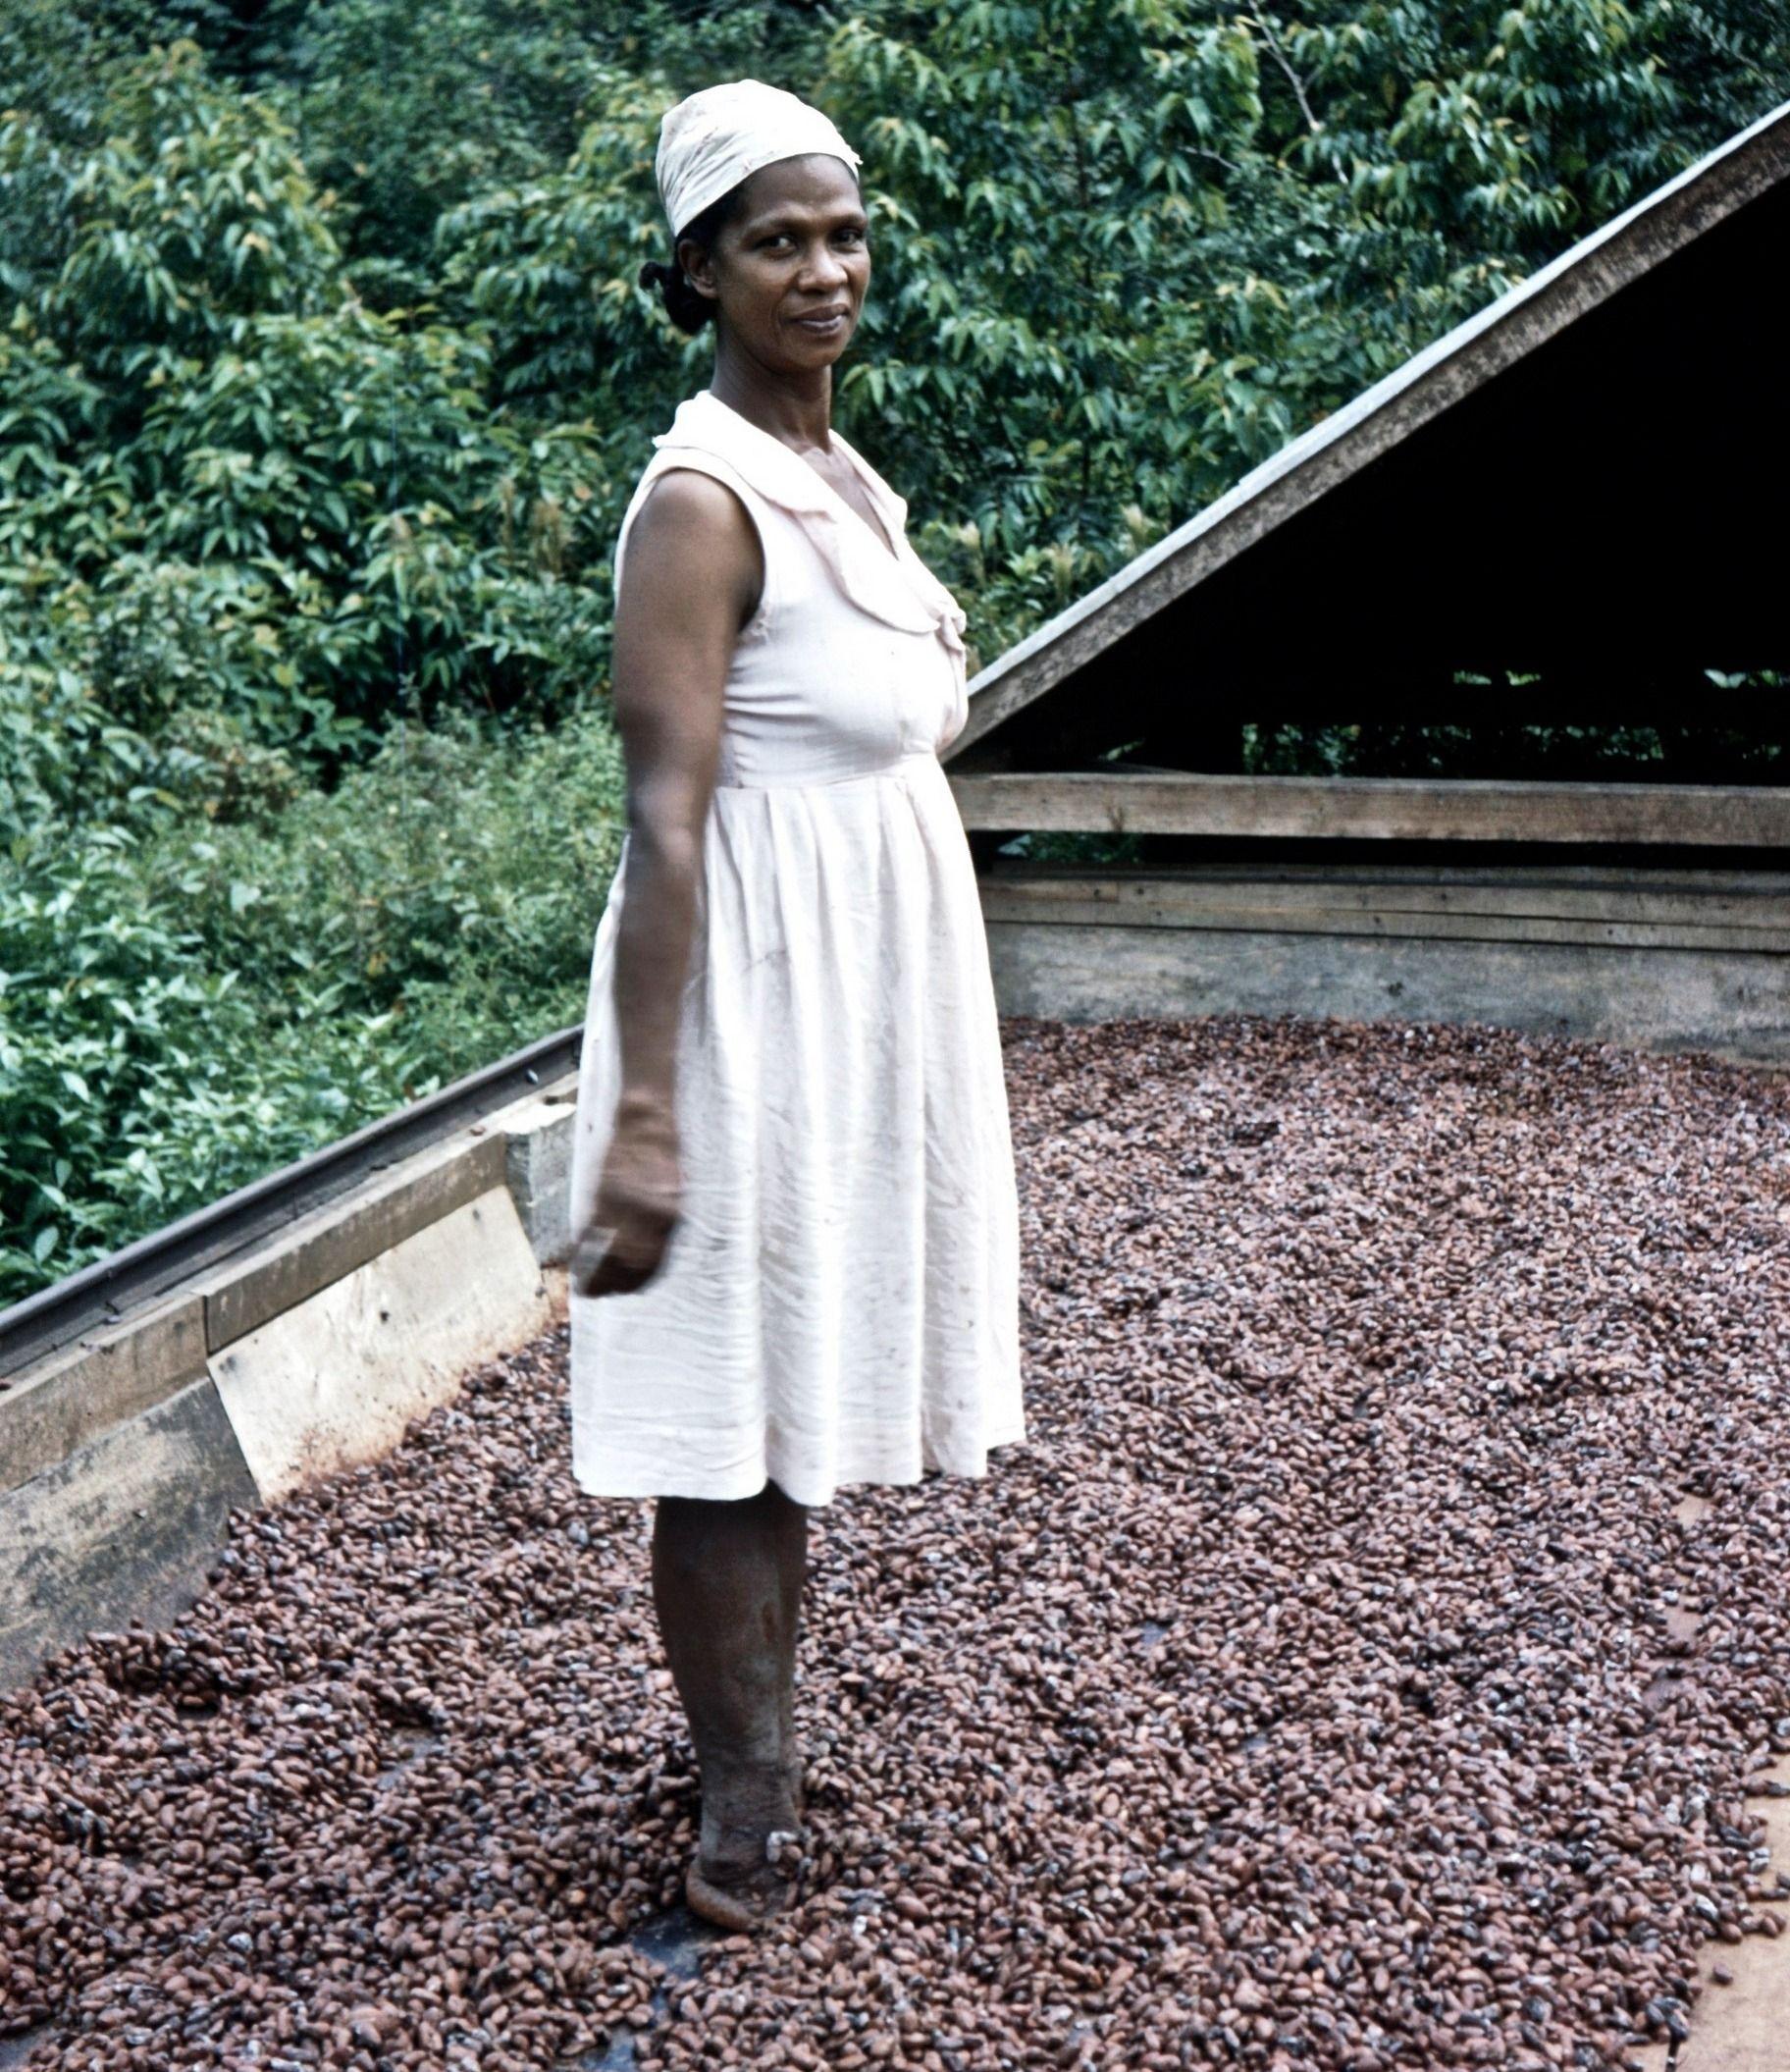 """Osoby o """"niewłaściwym"""" kolorze skóry - nawet jeśli pochodziły z Imperium Brytyjskiego - miały trudniej na Wyspach niż Europejczycy. Na tym zdjęciu z ok. 1957 roku widzimy młodą rodaczkę Odelle na ziarnach kakaowca. (fot. John Hill, lic. CC BY-SA 4.0)."""